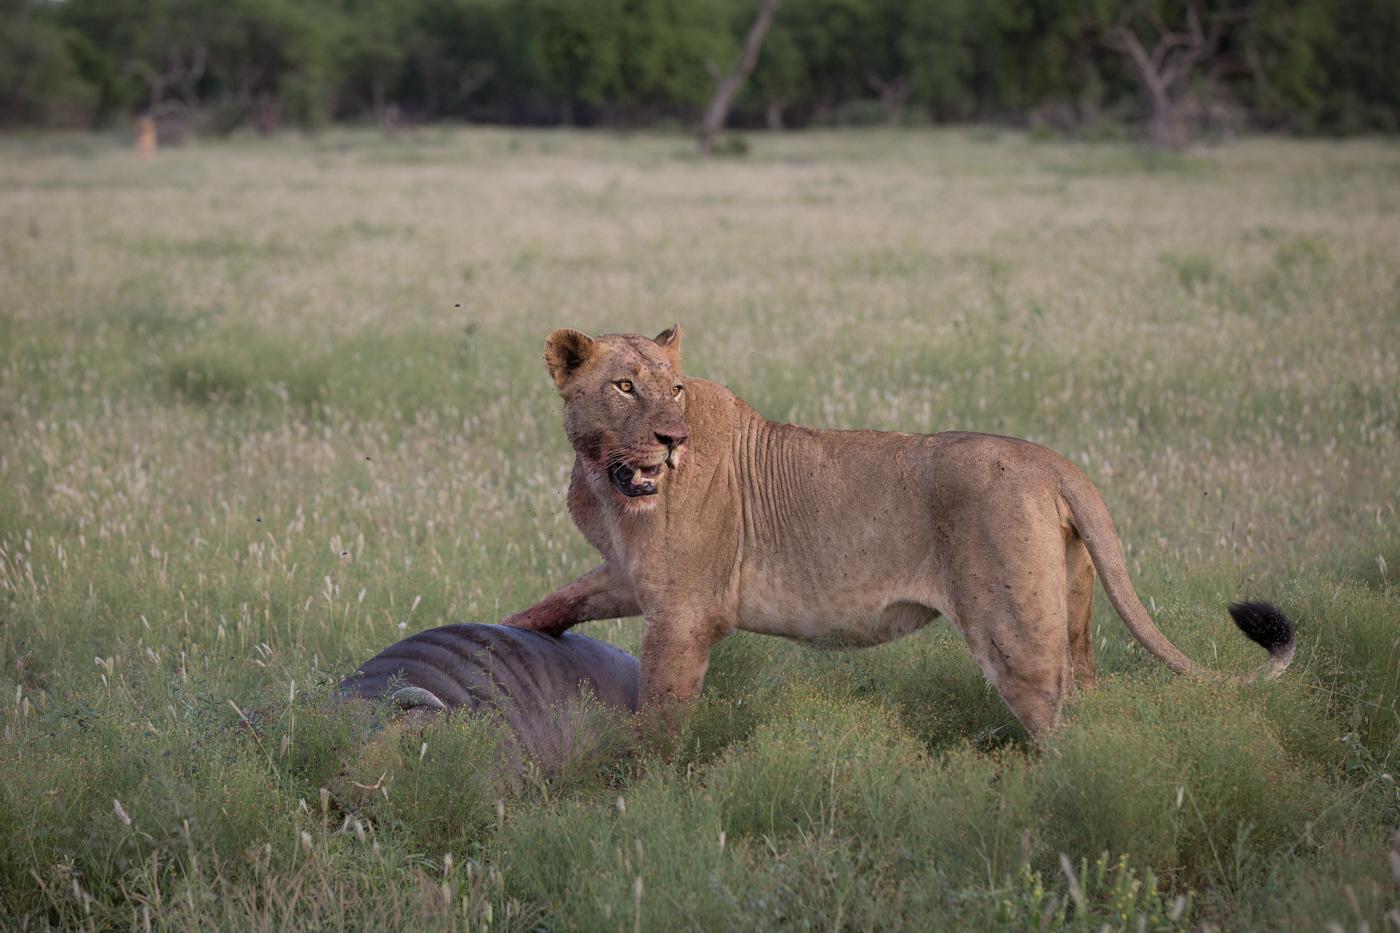 Mhangeni lioness wildebeest JT